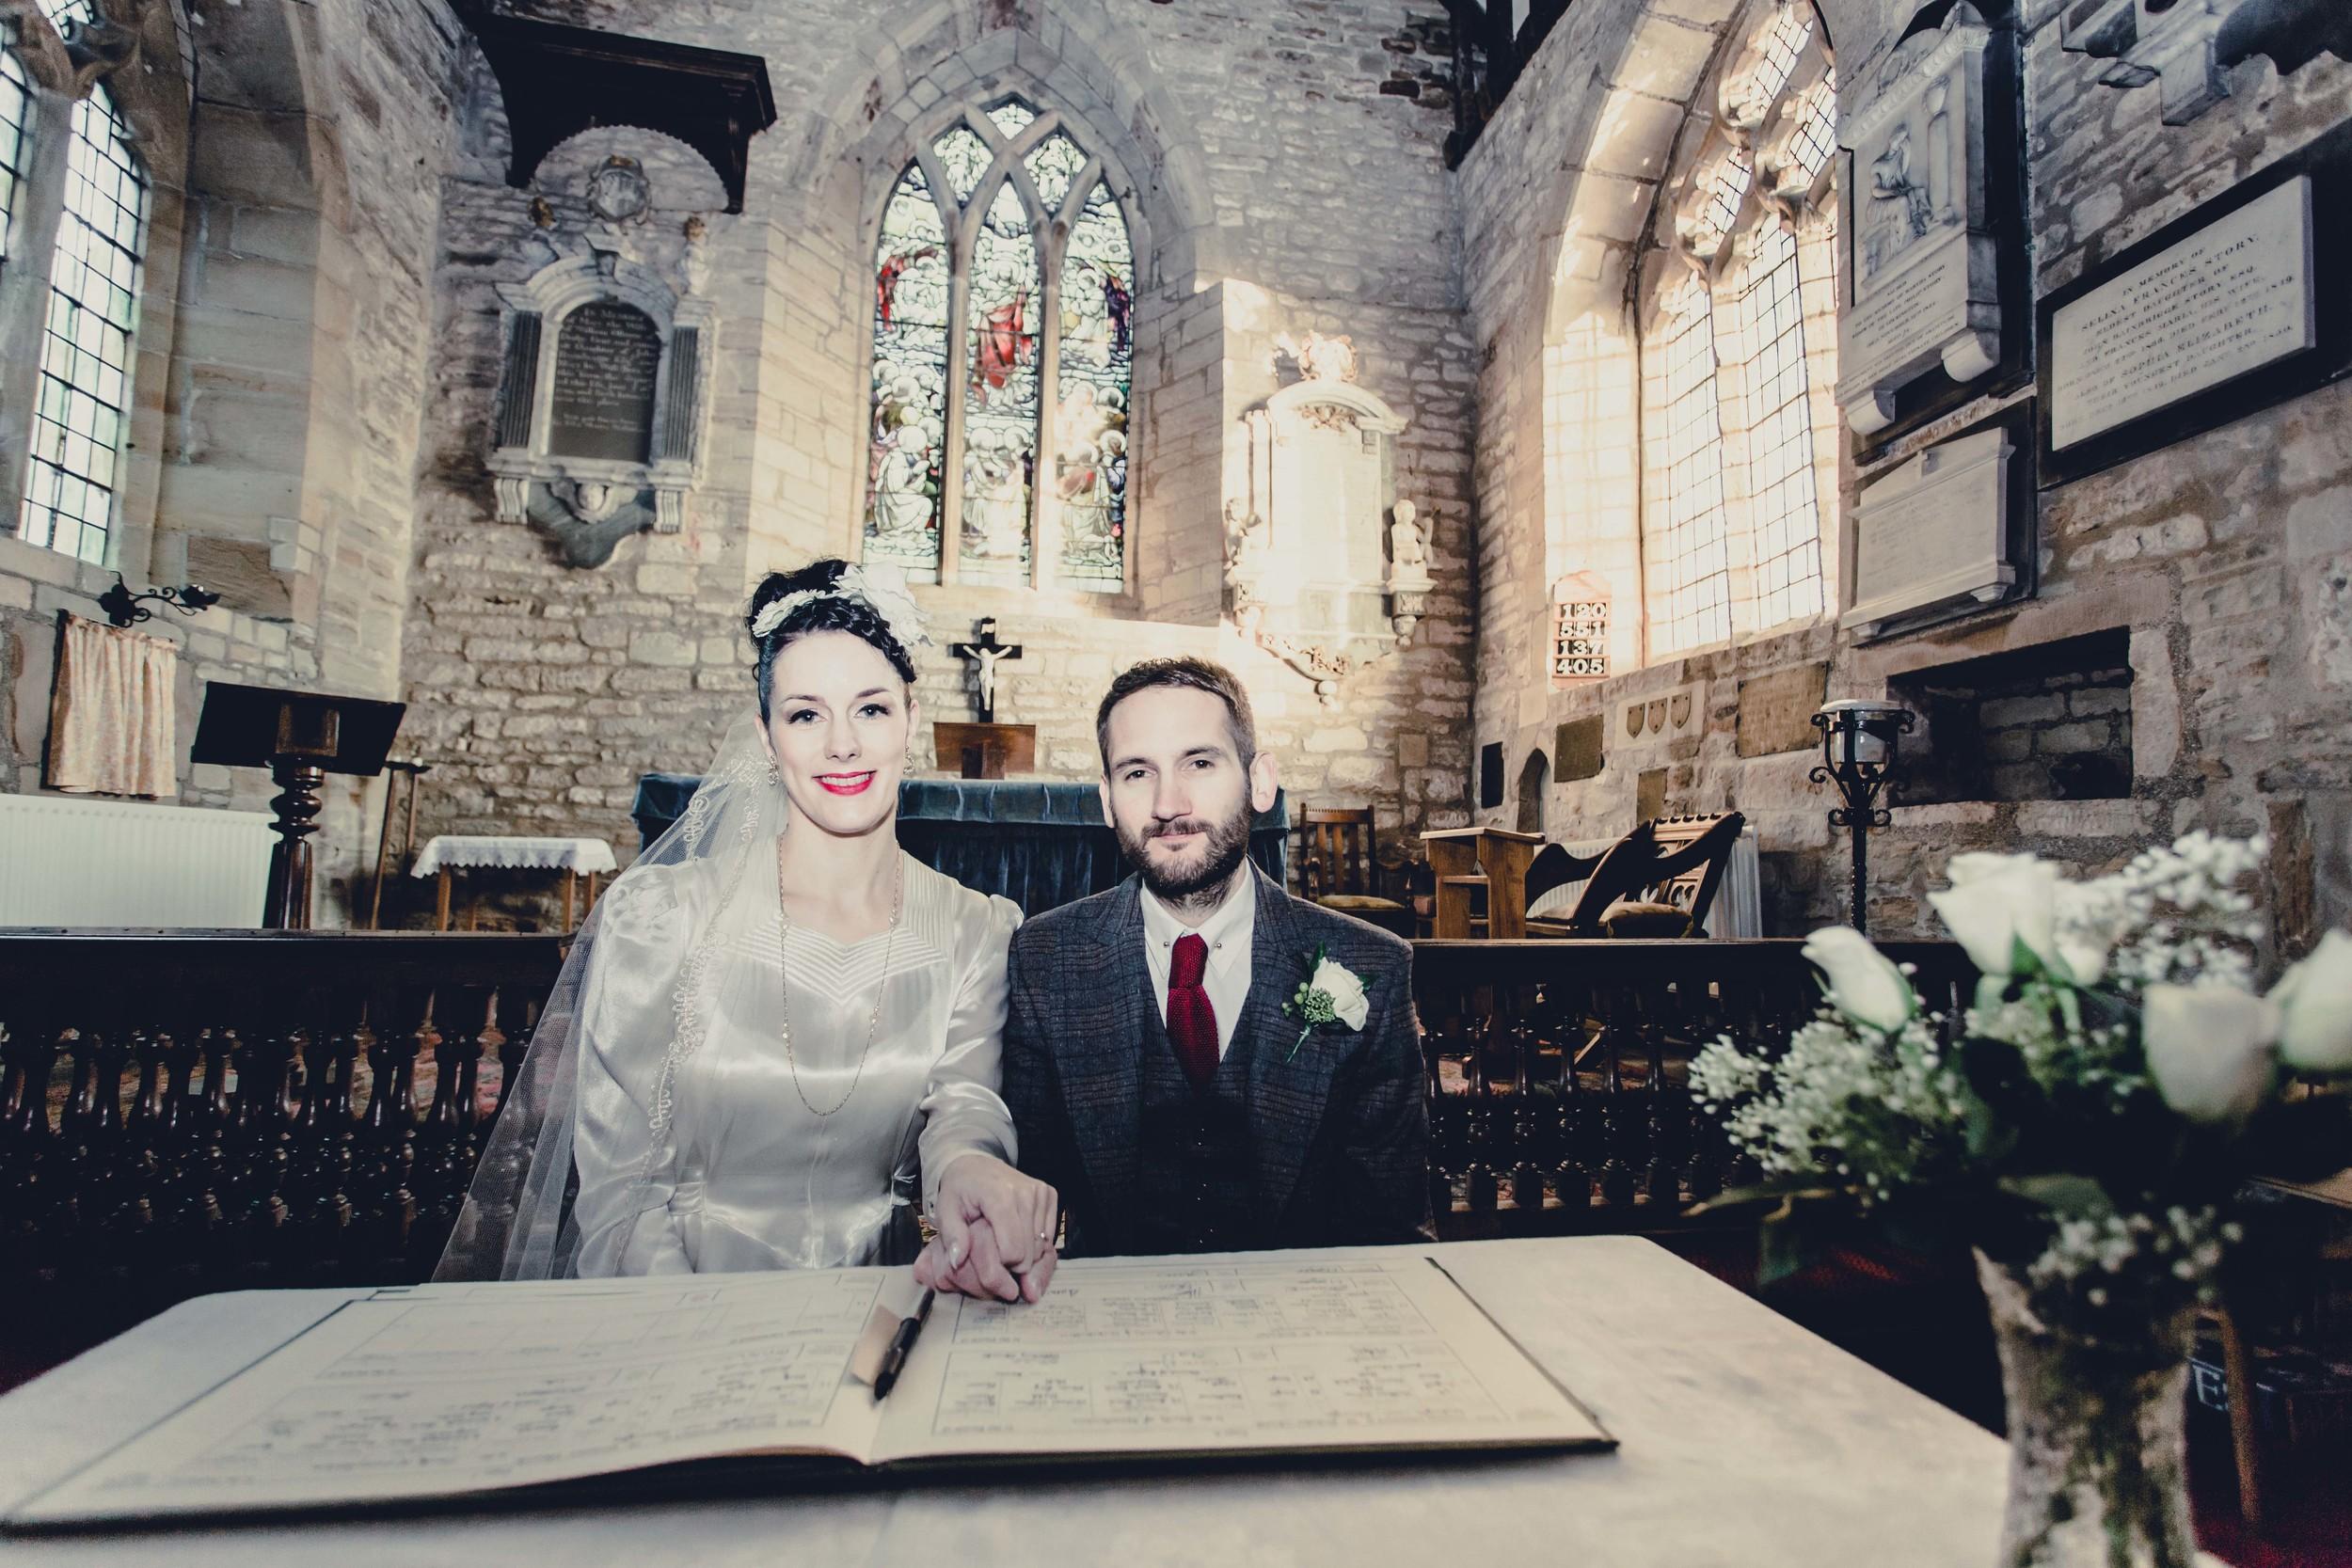 097 - Angela and Karls Wedding by www.markpugh.com -6735.jpg